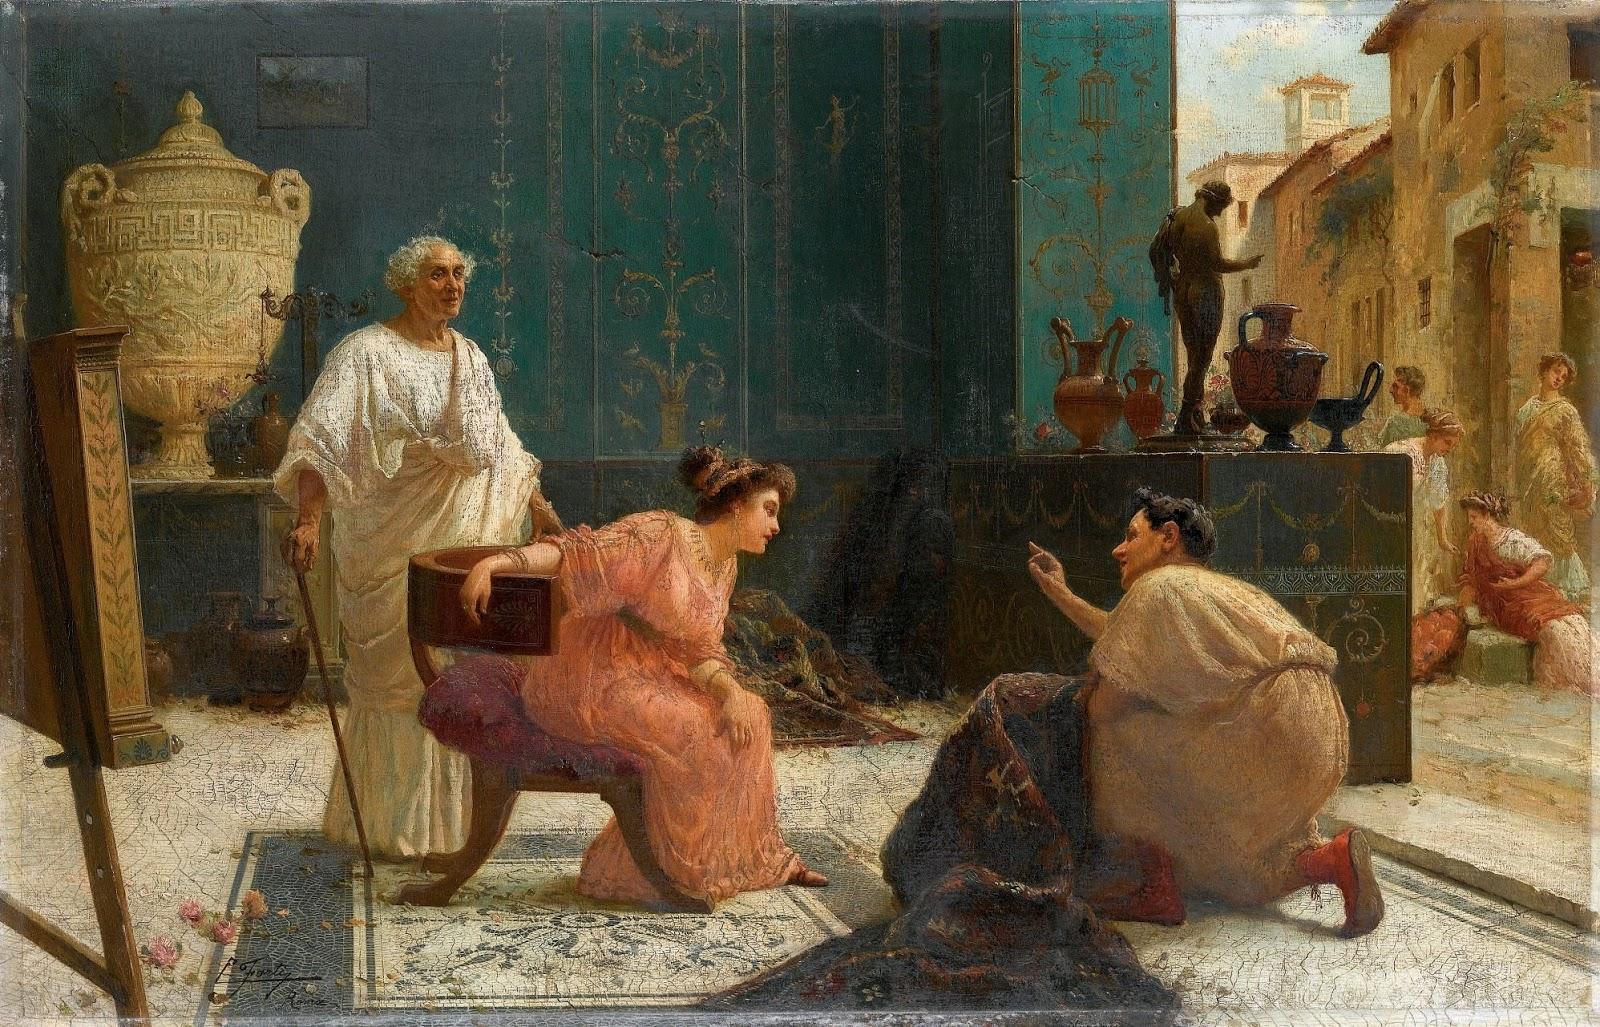 Paintings by Edouardo Ettore Forti (1850-1940)